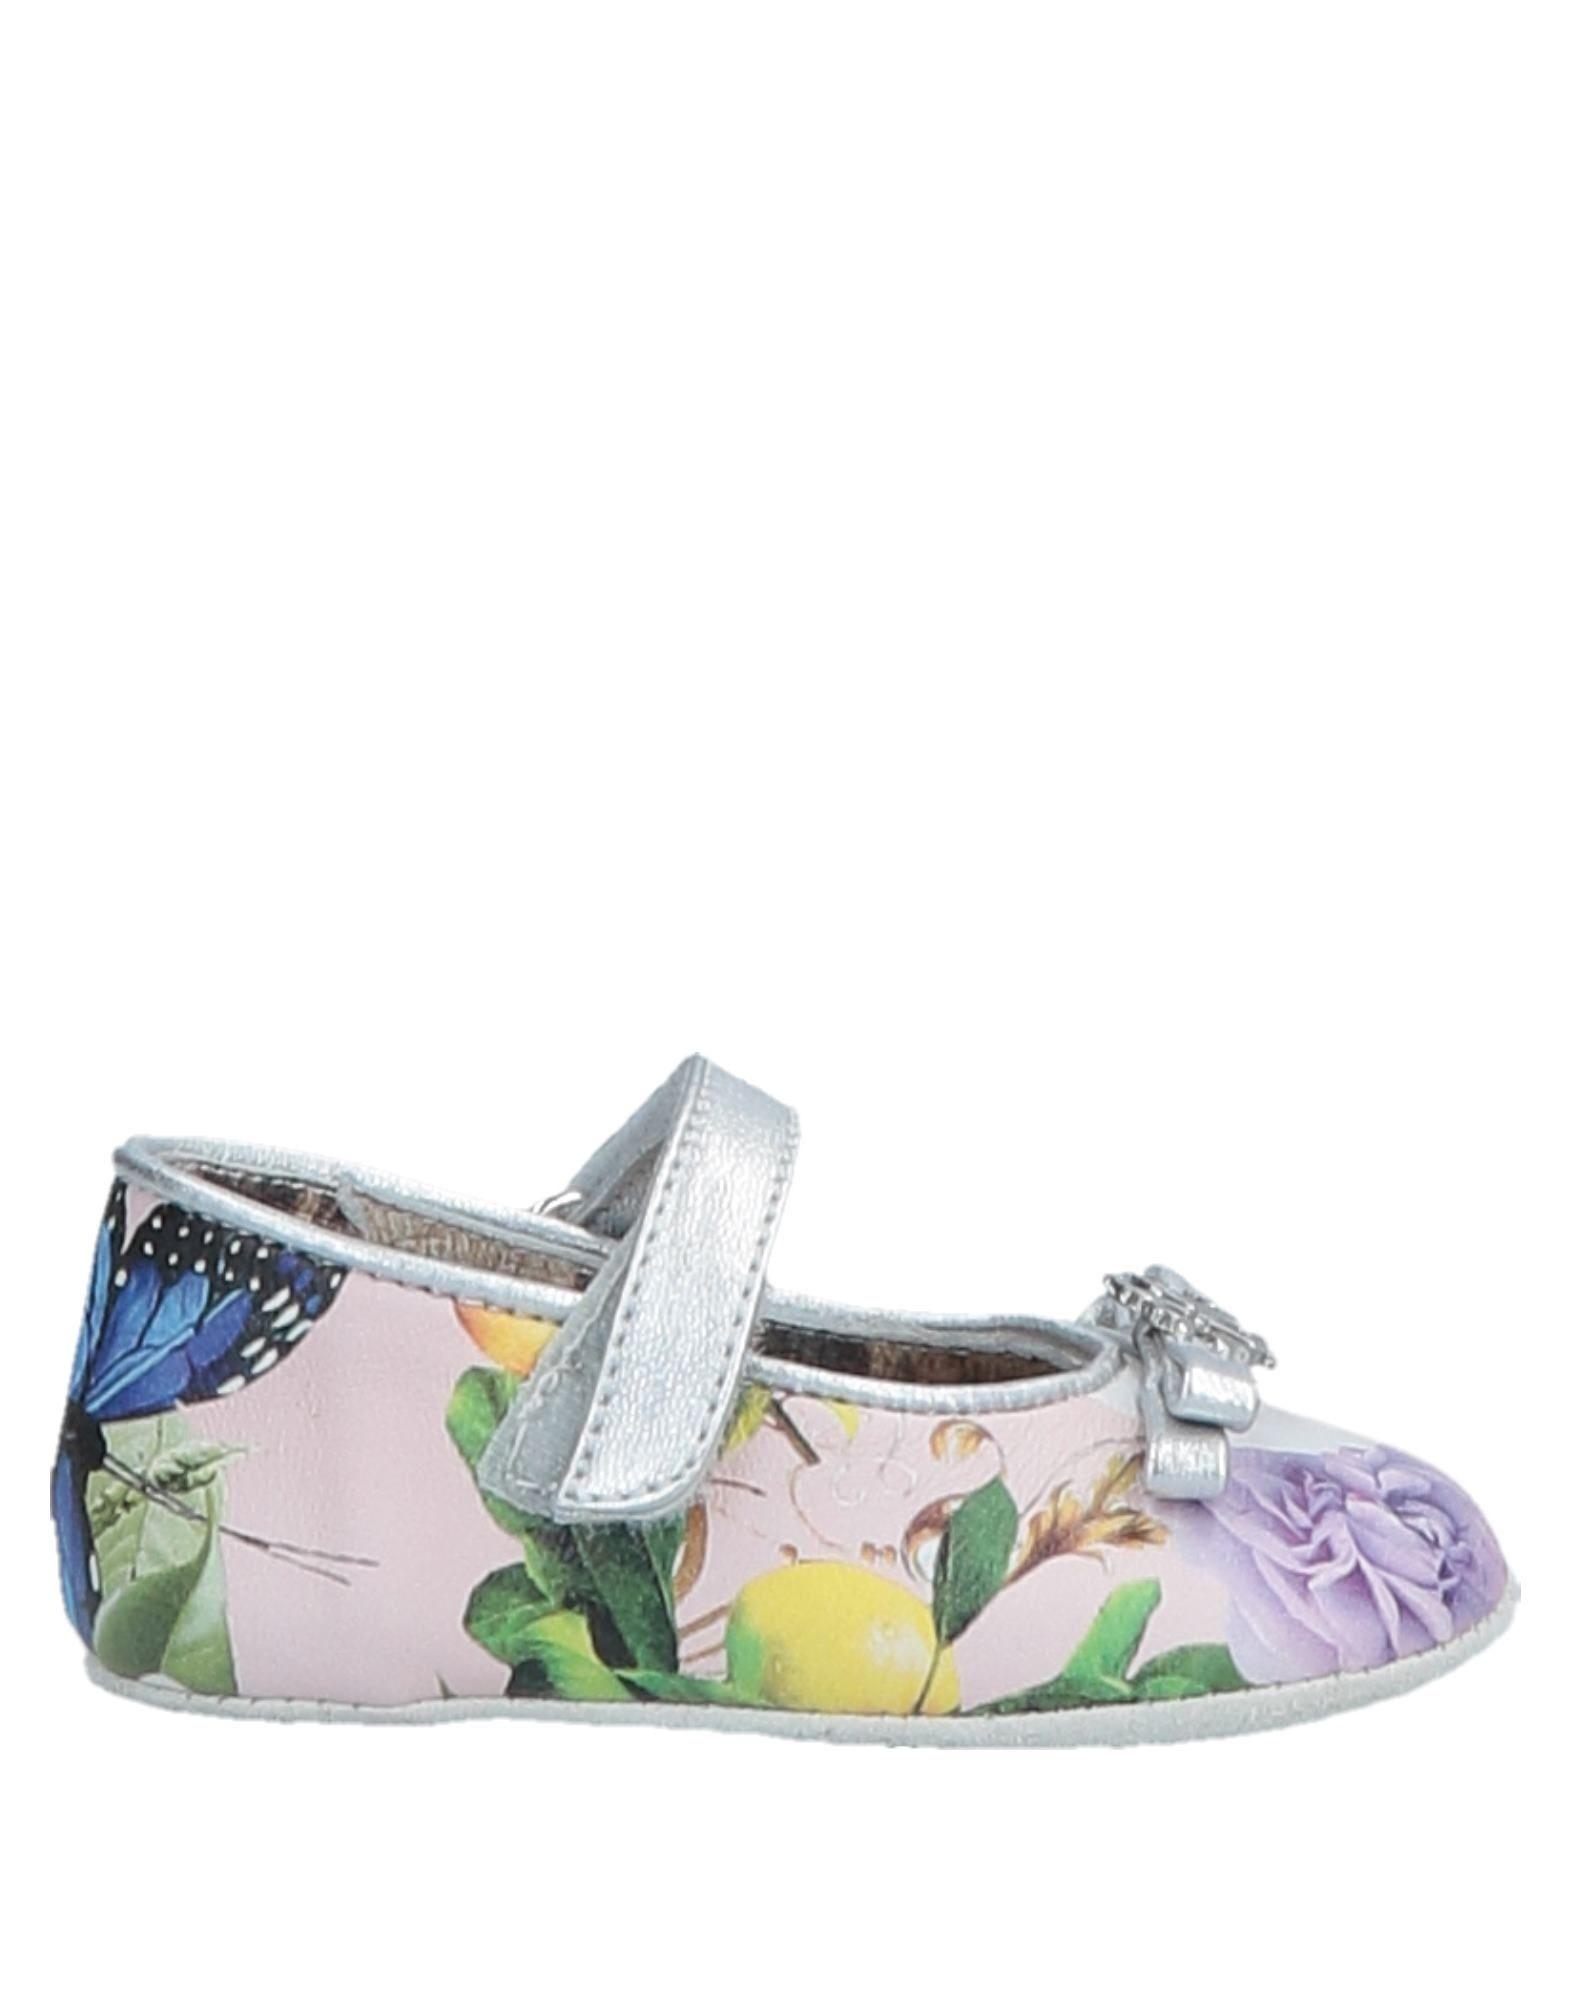 ROBERTO CAVALLI JUNIOR Обувь для новорожденных